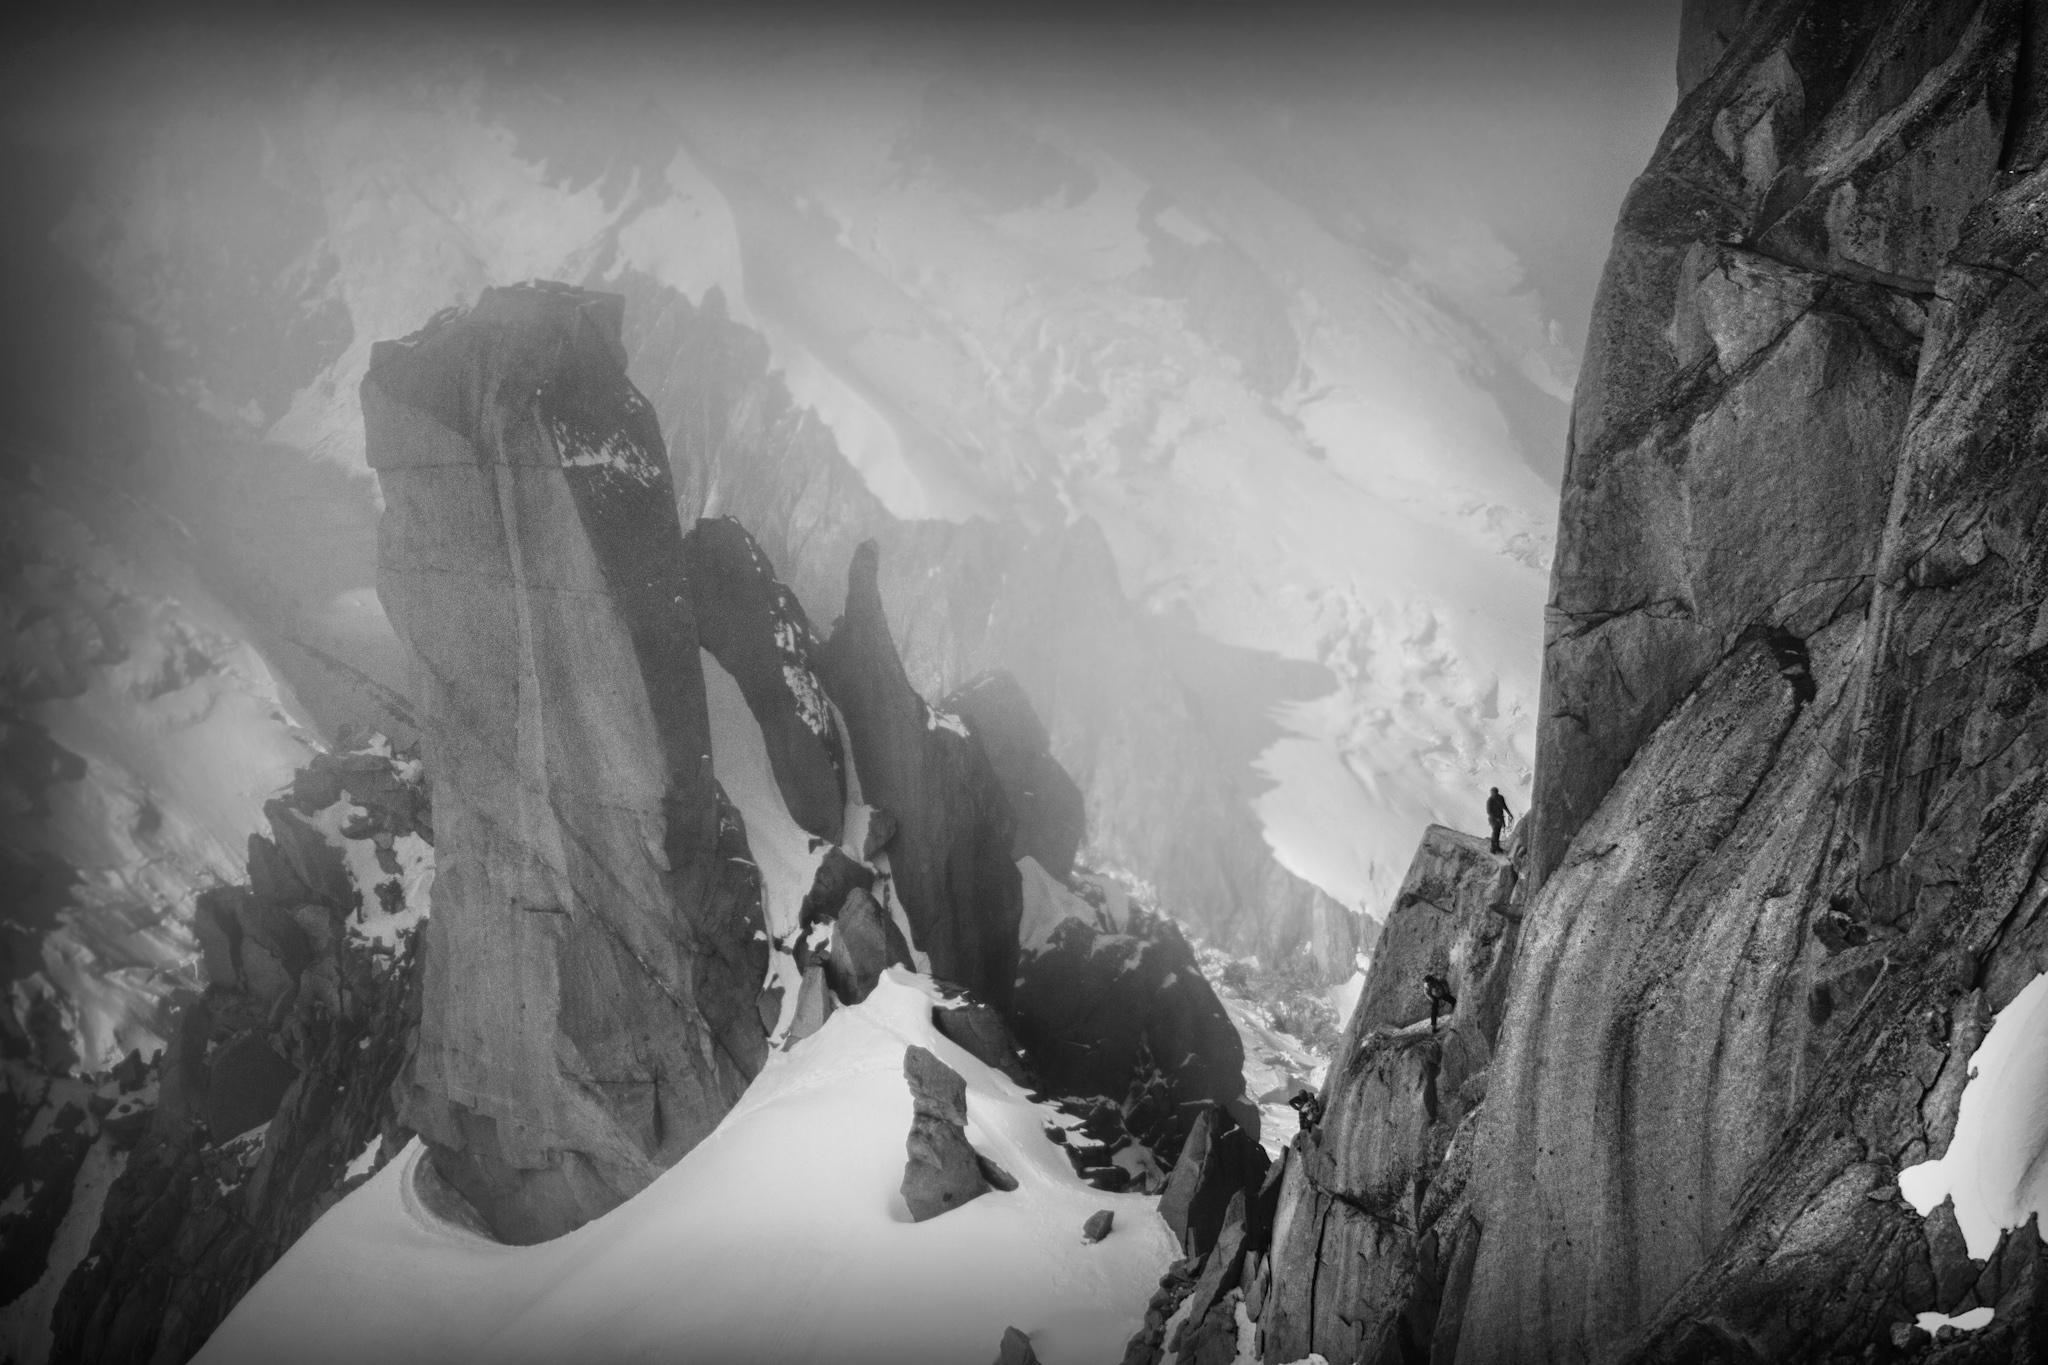 Arista de Cosmiques, Aiguille du Midi - Otras montañas - Fotos del Valle del Aragón, Mikel Besga